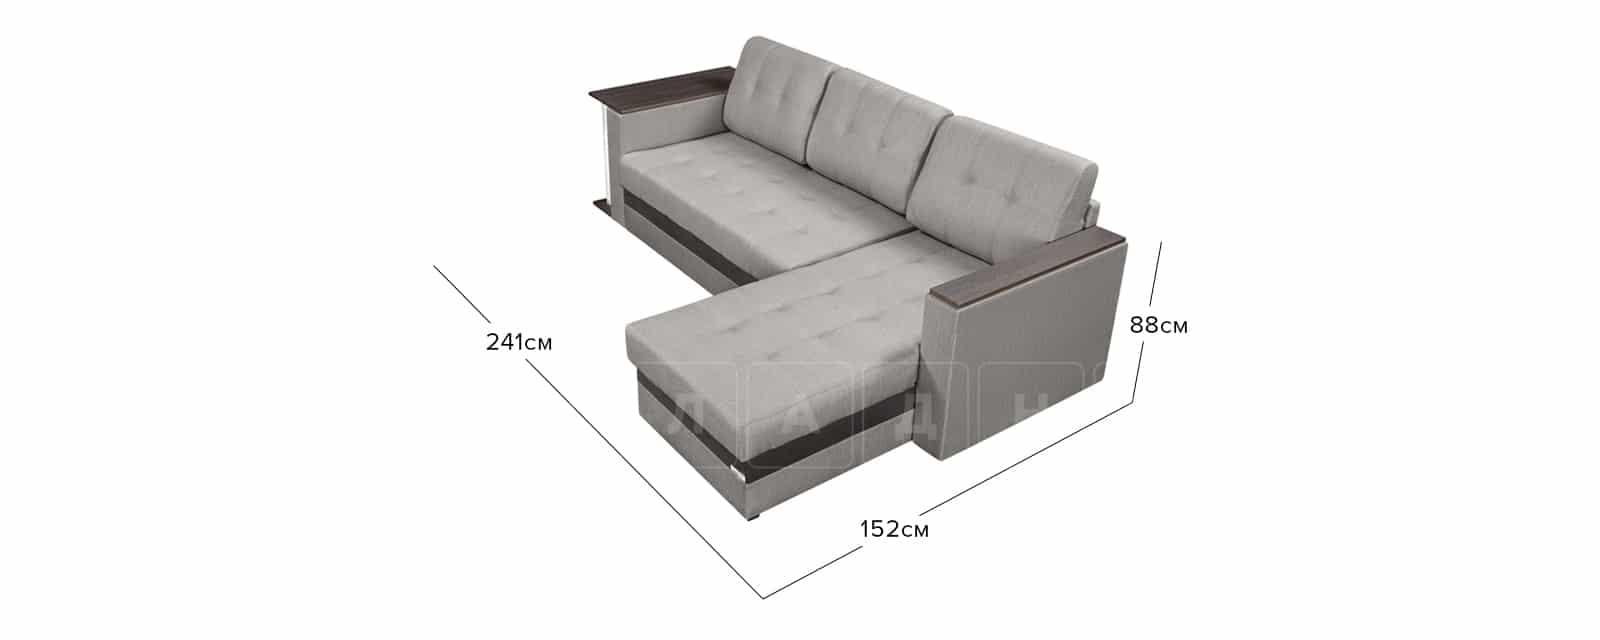 Угловой диван Атланта рогожка серого цвета фото 10 | интернет-магазин Складно